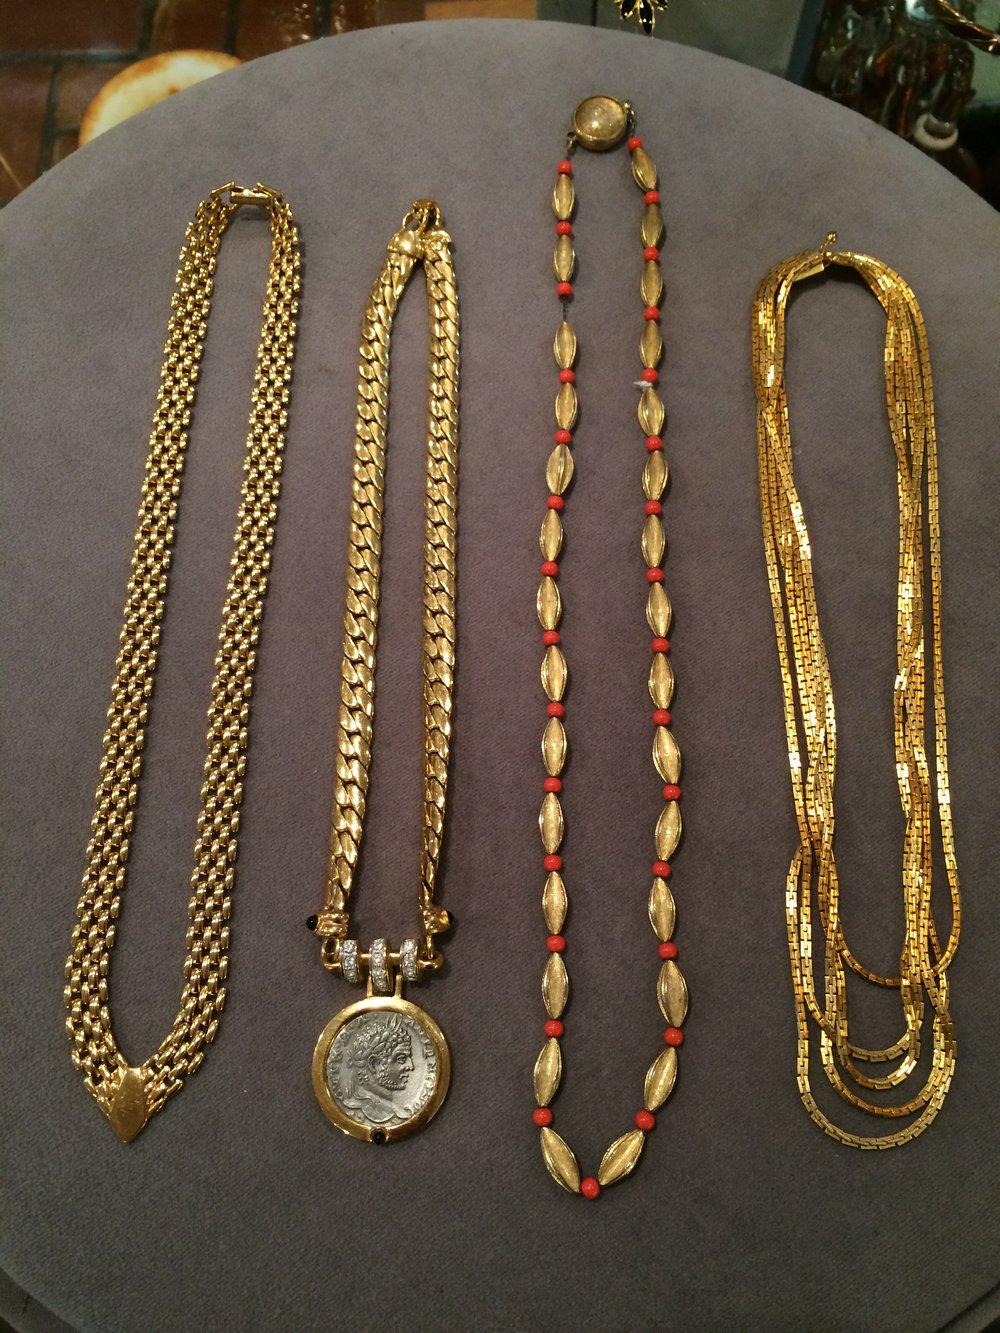 jewelry 3 (3).JPG